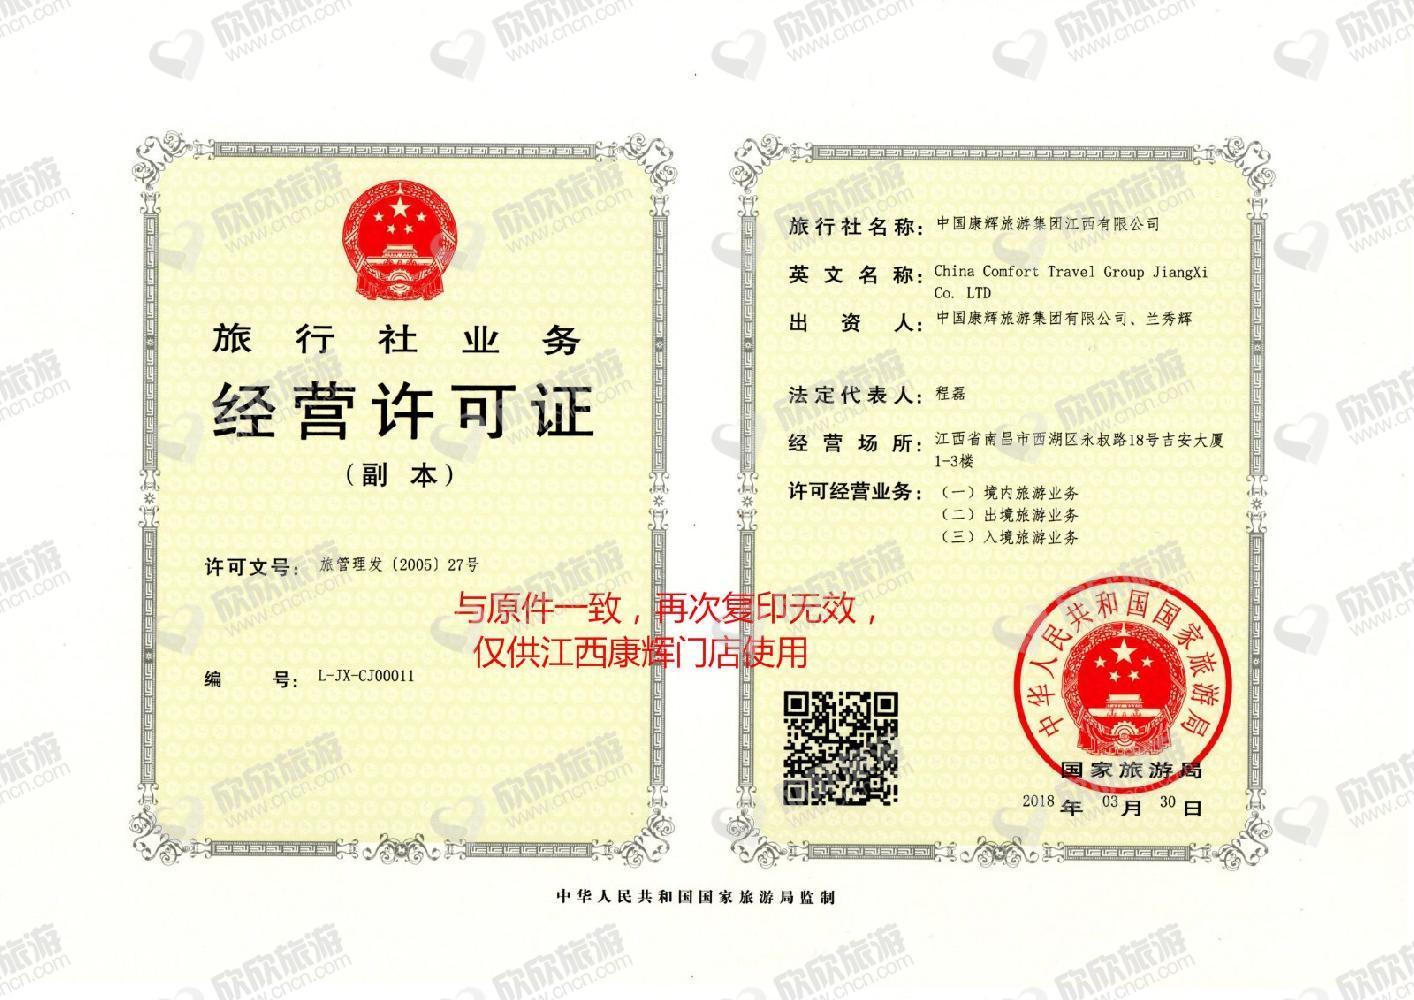 中国康辉旅游集团江西有限公司万达星城营业部经营许可证